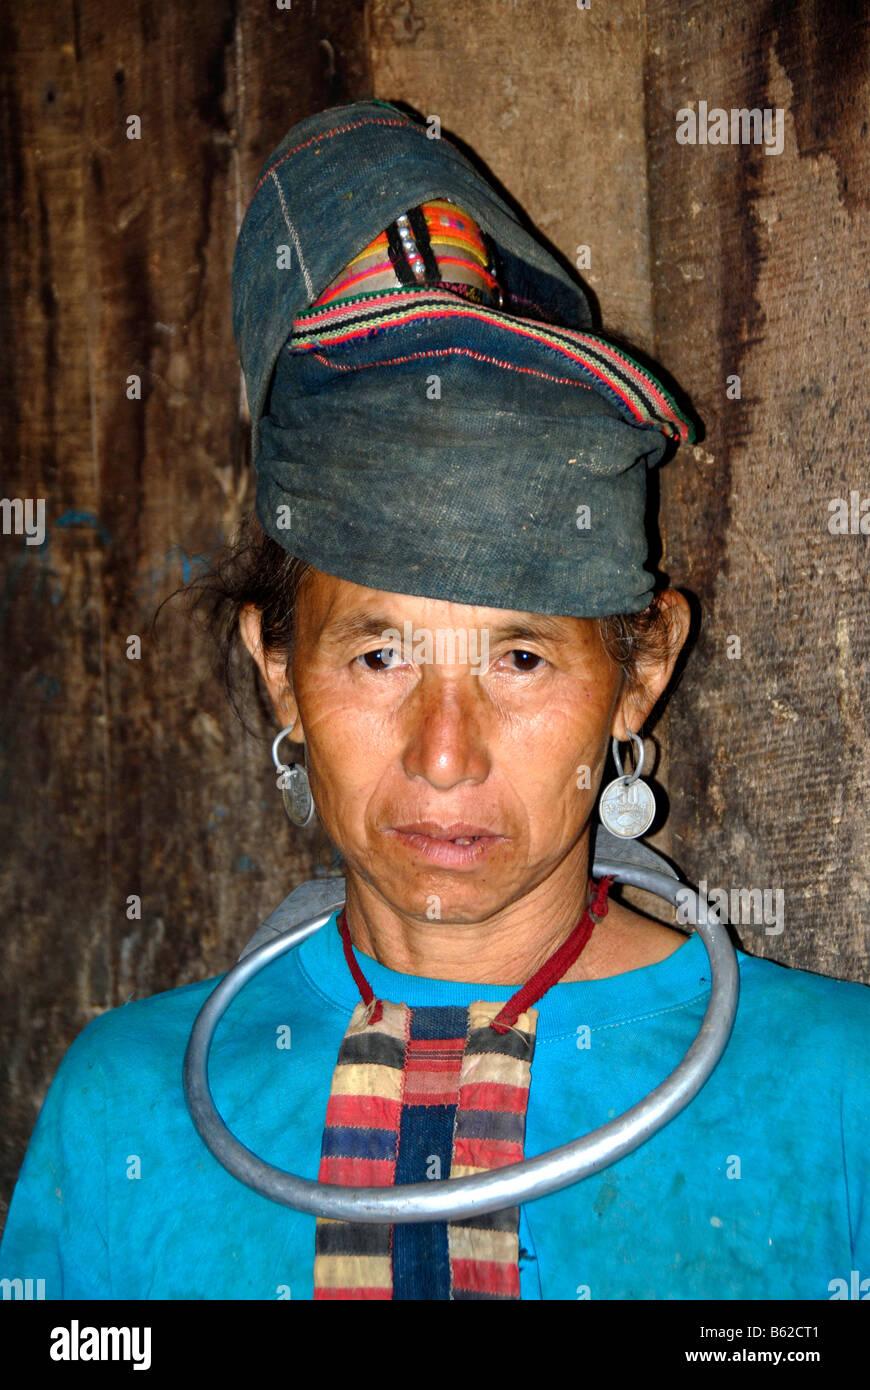 Porträt einer alten Frau des Stammes Akha Pala trägt einen traditionellen Turban und großen silbernen Stockbild